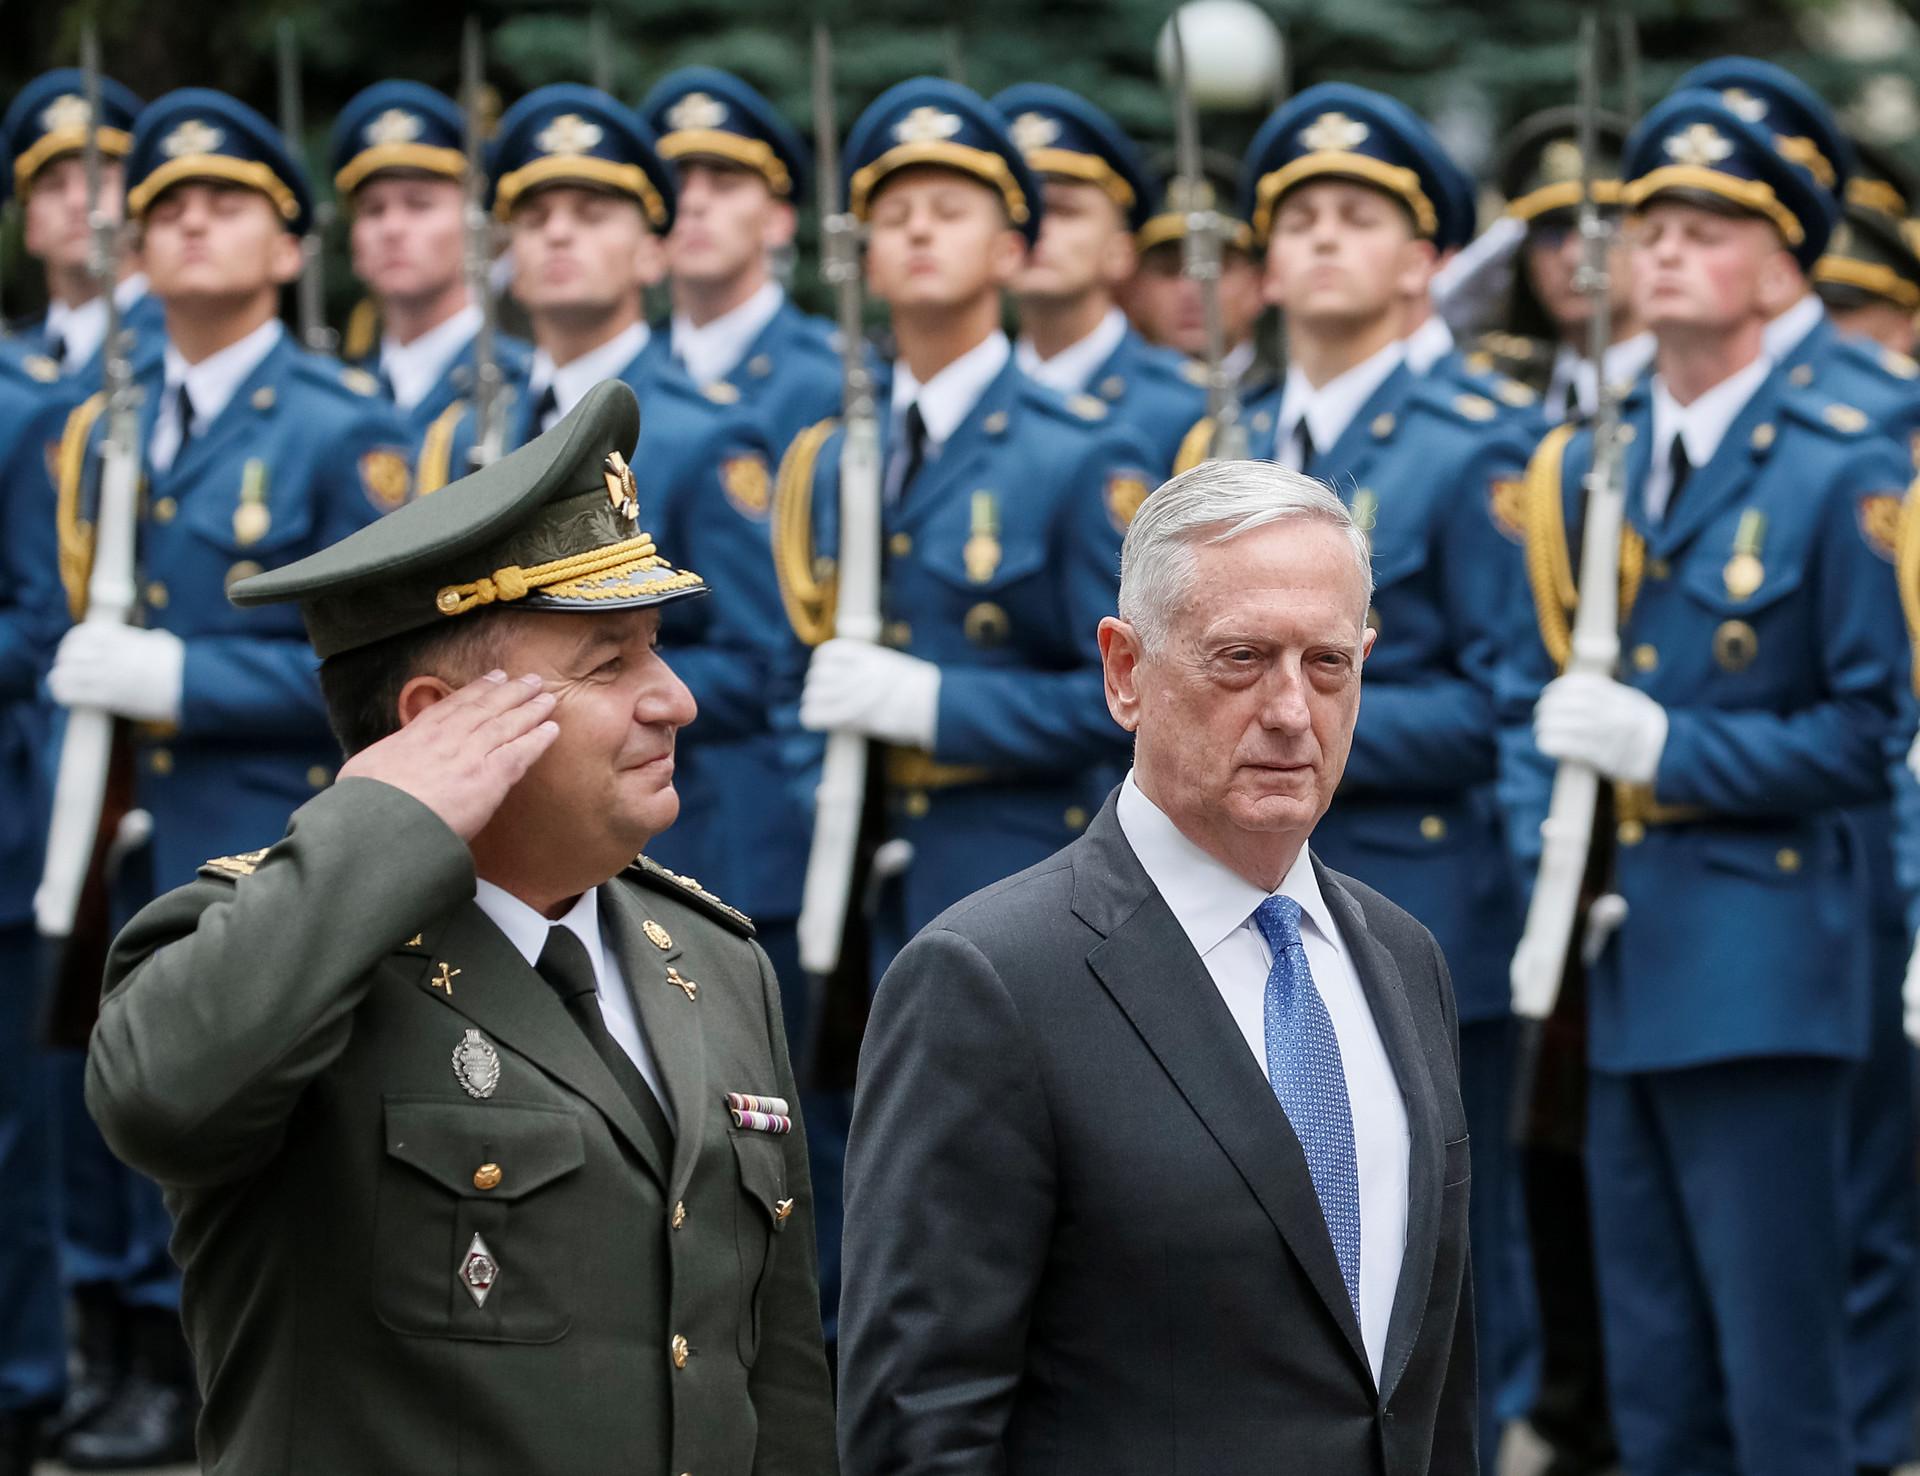 В«Запад демонстративно этого не замечаетВ»: отреагируют ли США на призыв РФ не игнорировать действия ВСУ в Донбассе